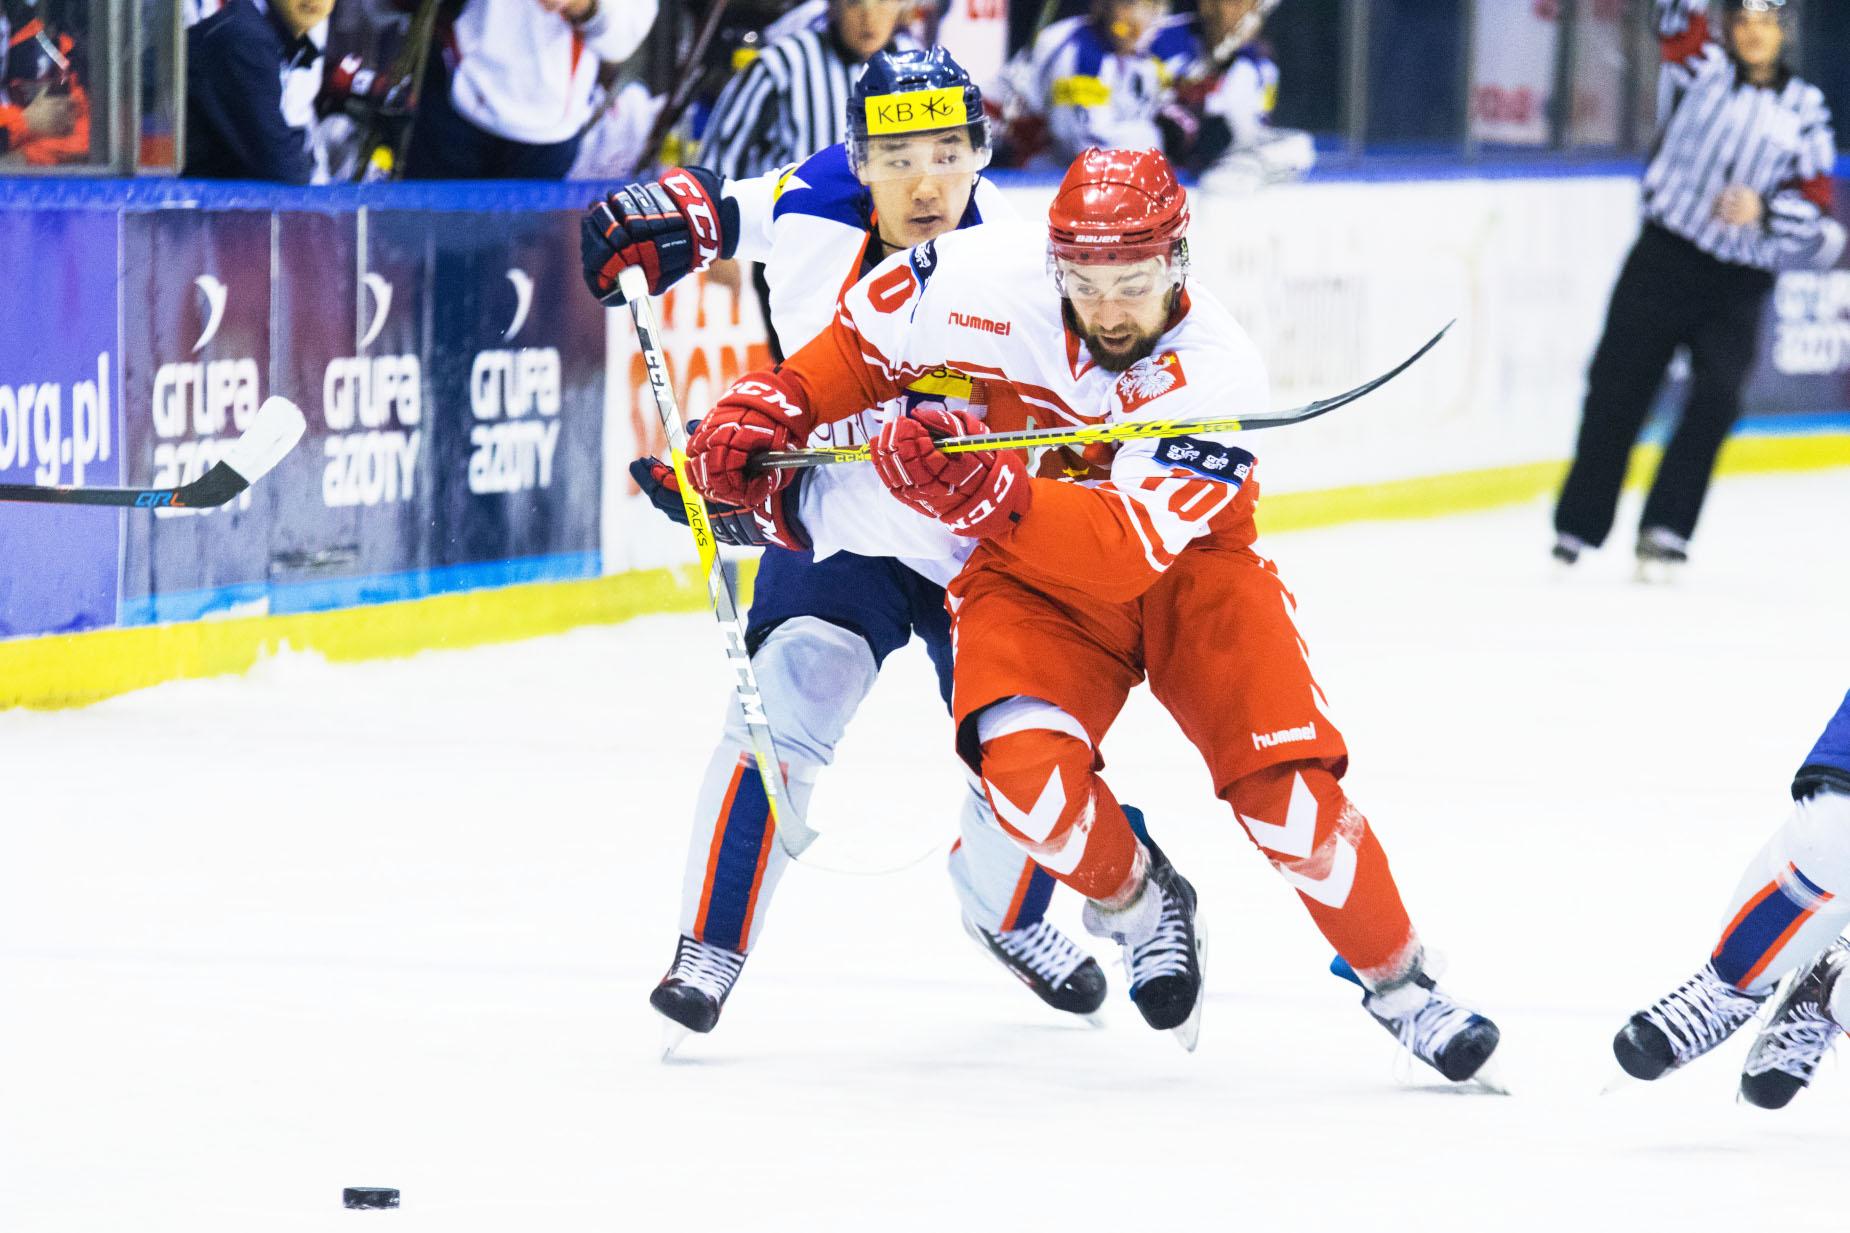 Hokejowa elita Europy przyjedzie do Gdańska. Euro Ice Hockey Challenge o puchar 100-lecia Niepodległości